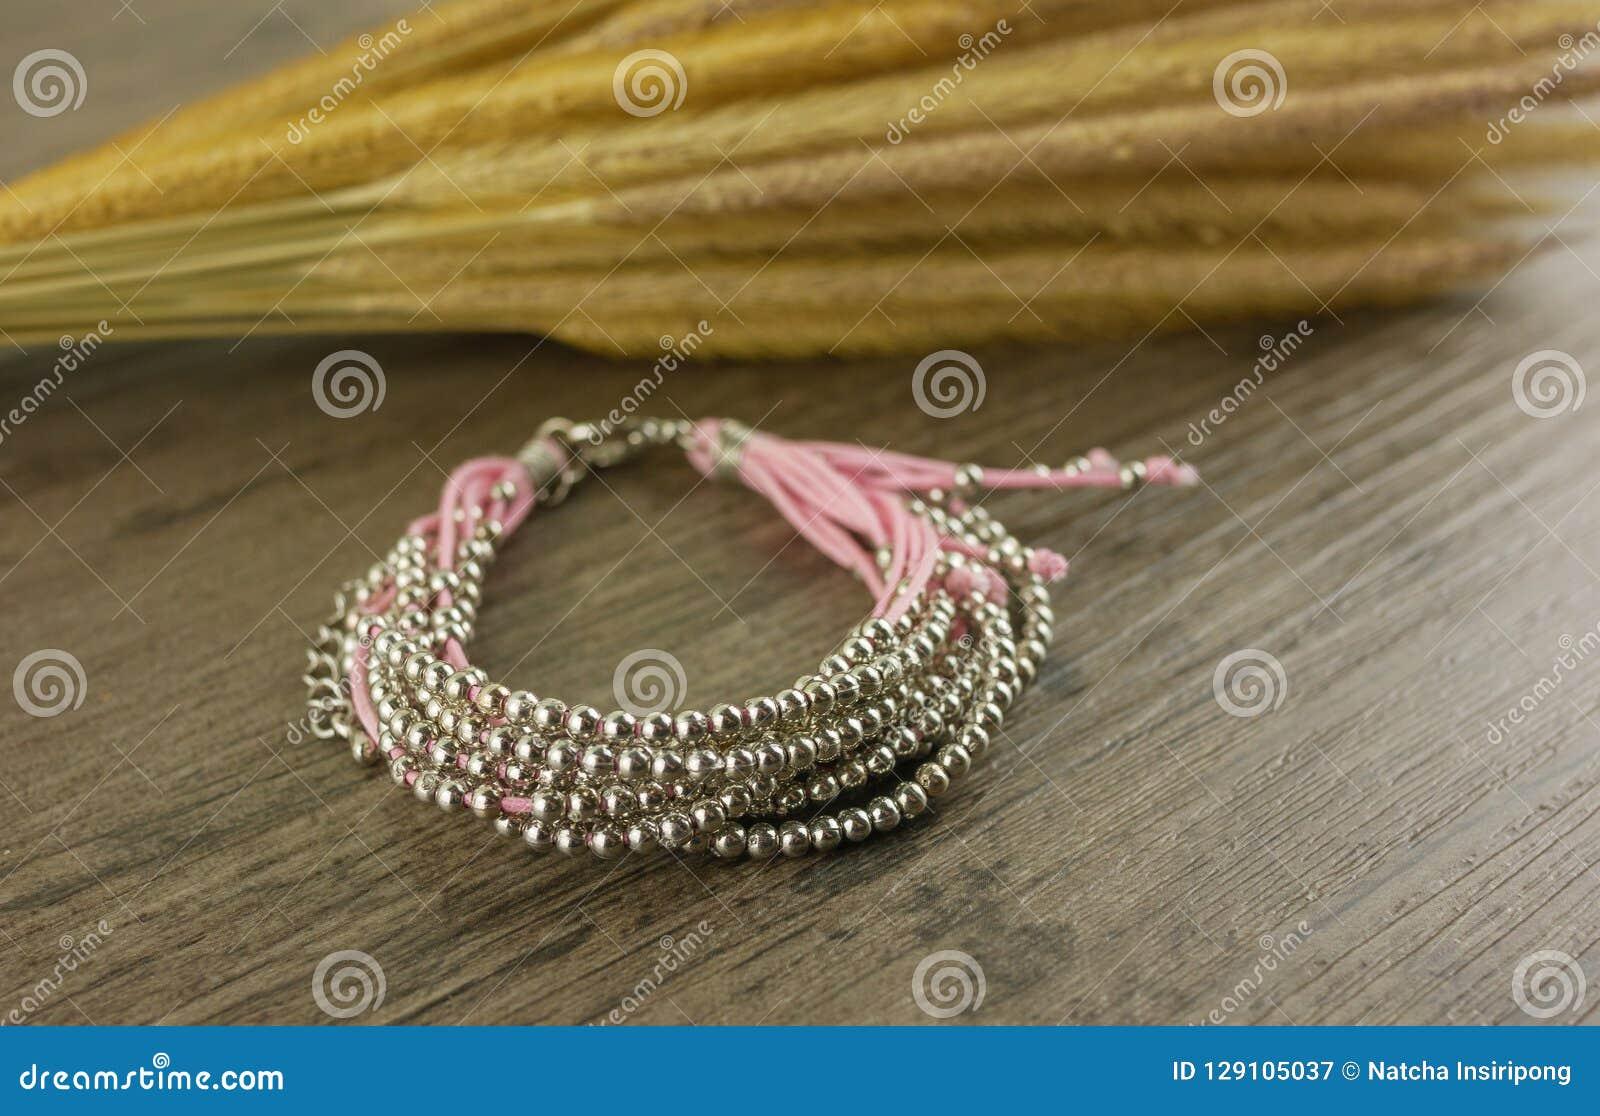 Rosa Armband auf hölzernem Hintergrund